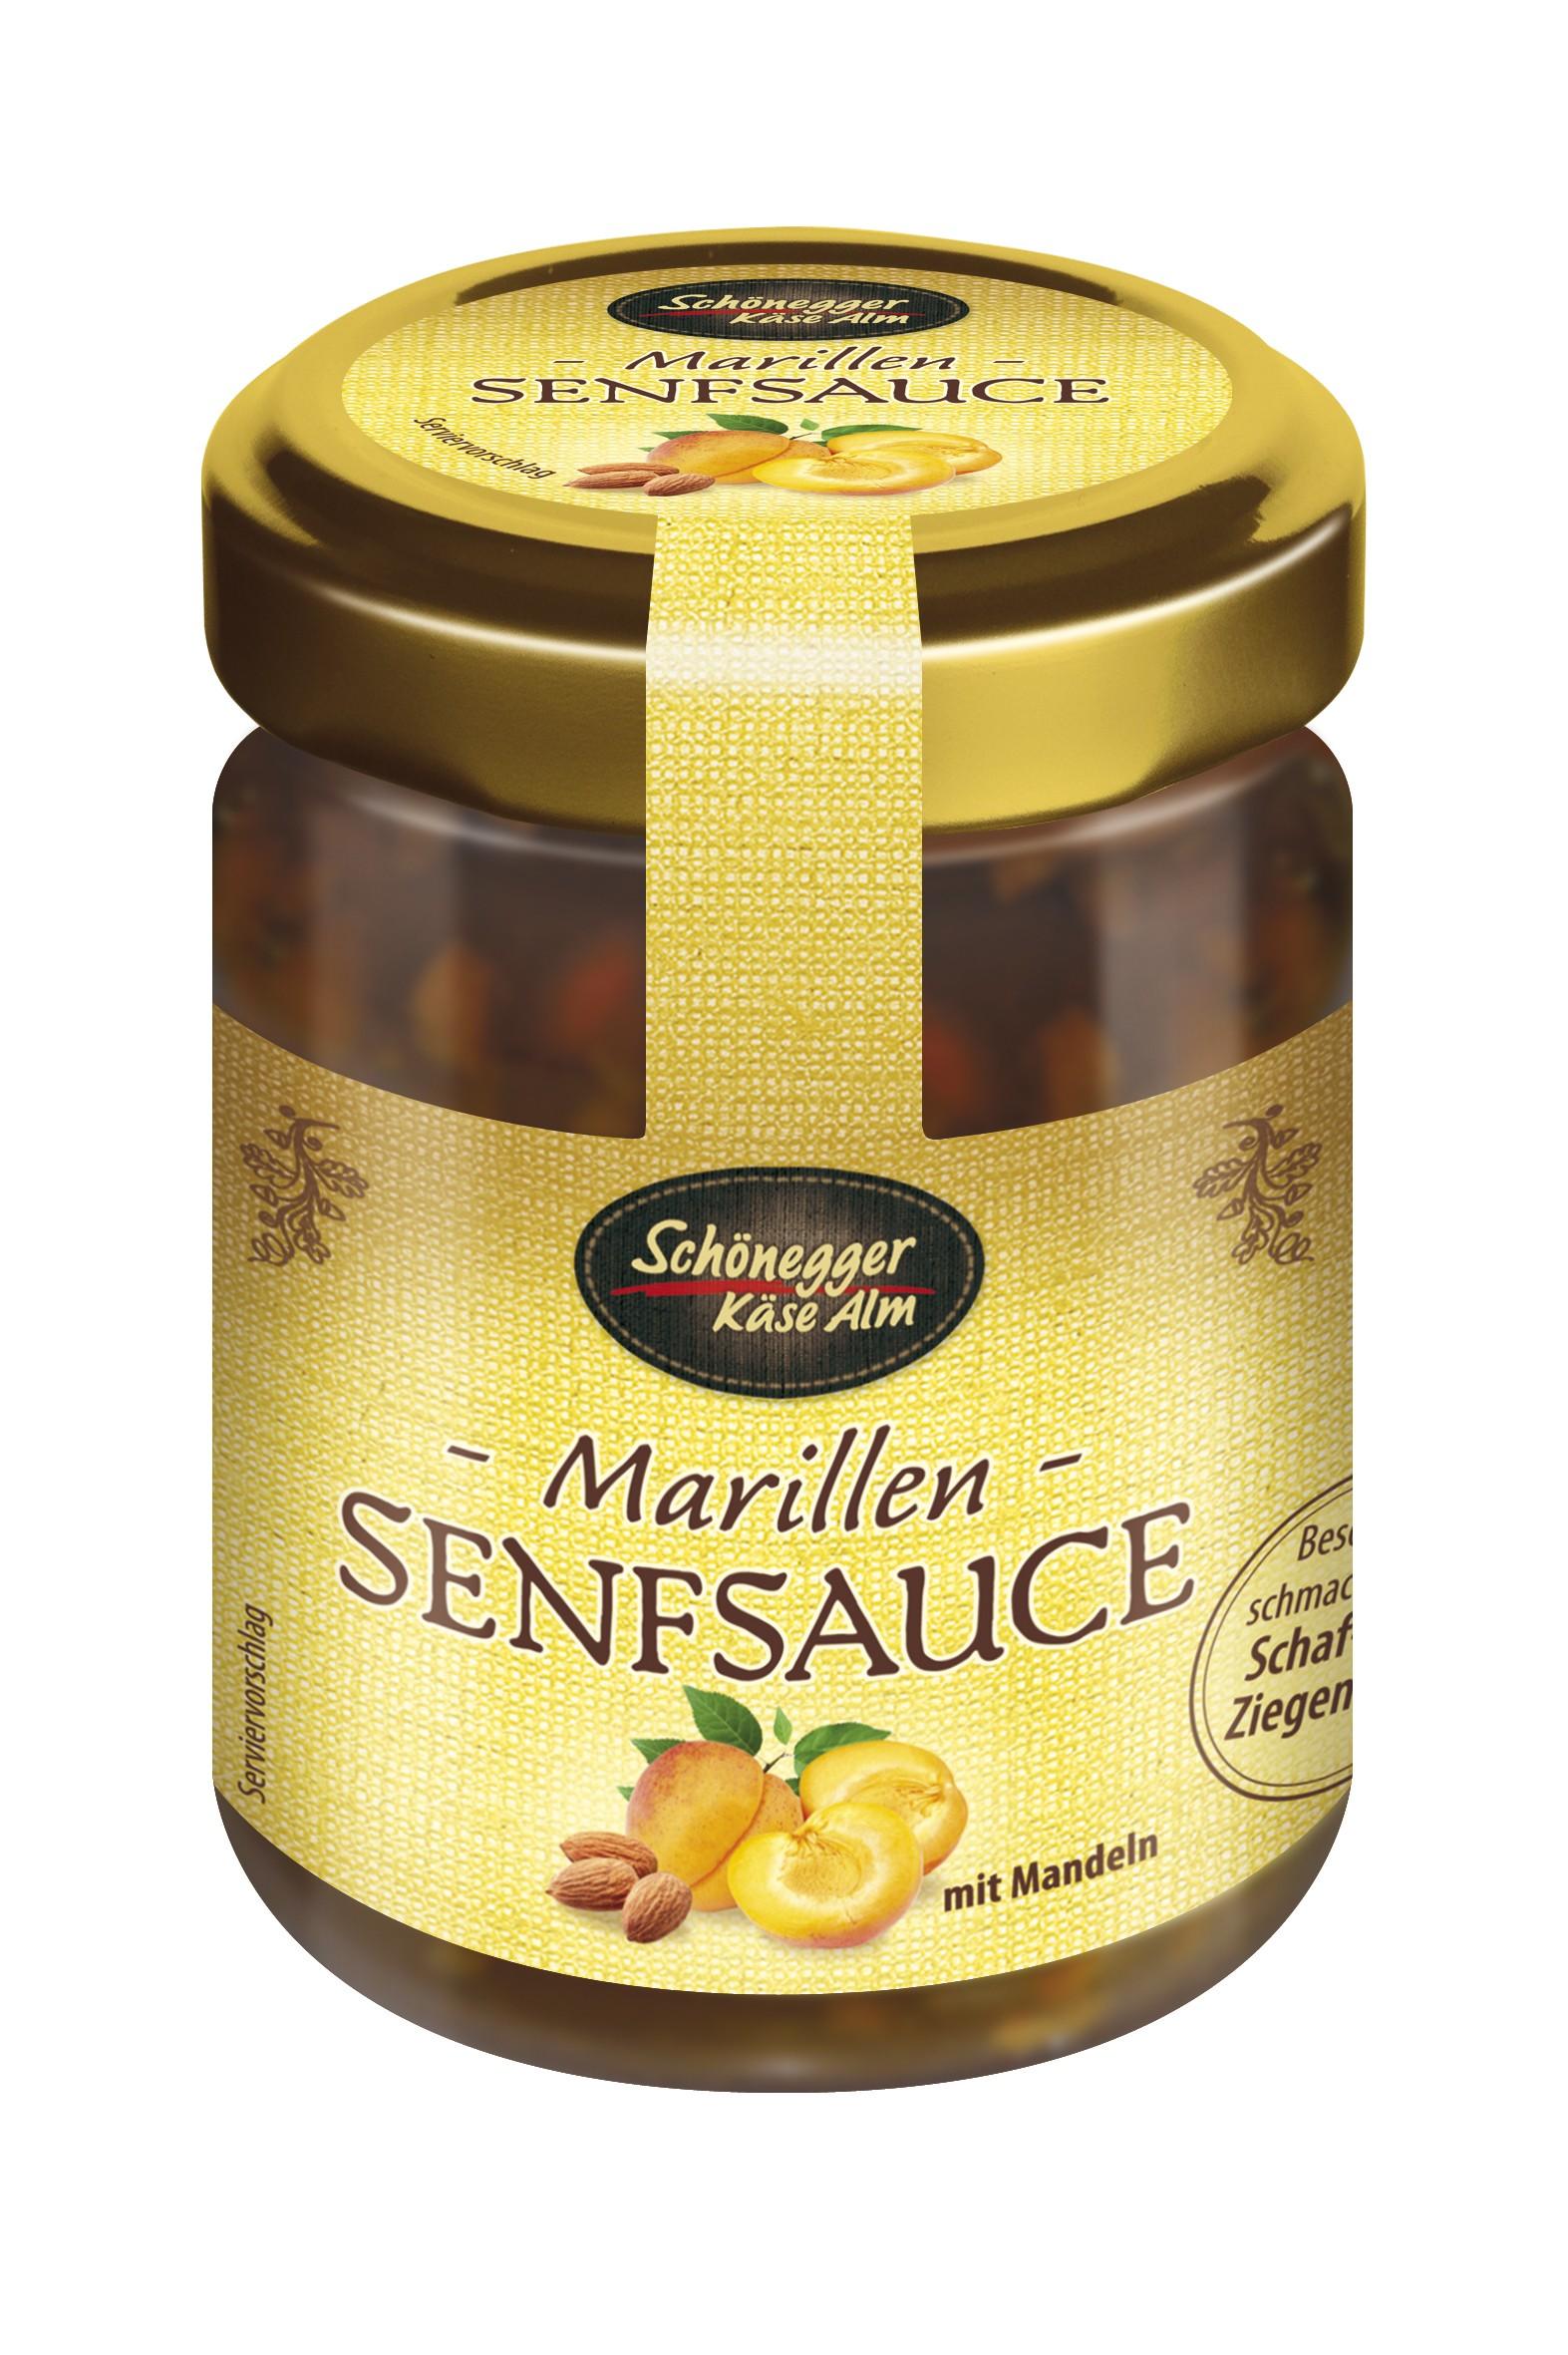 Marillen-Senfsoße mit Mandeln 180g